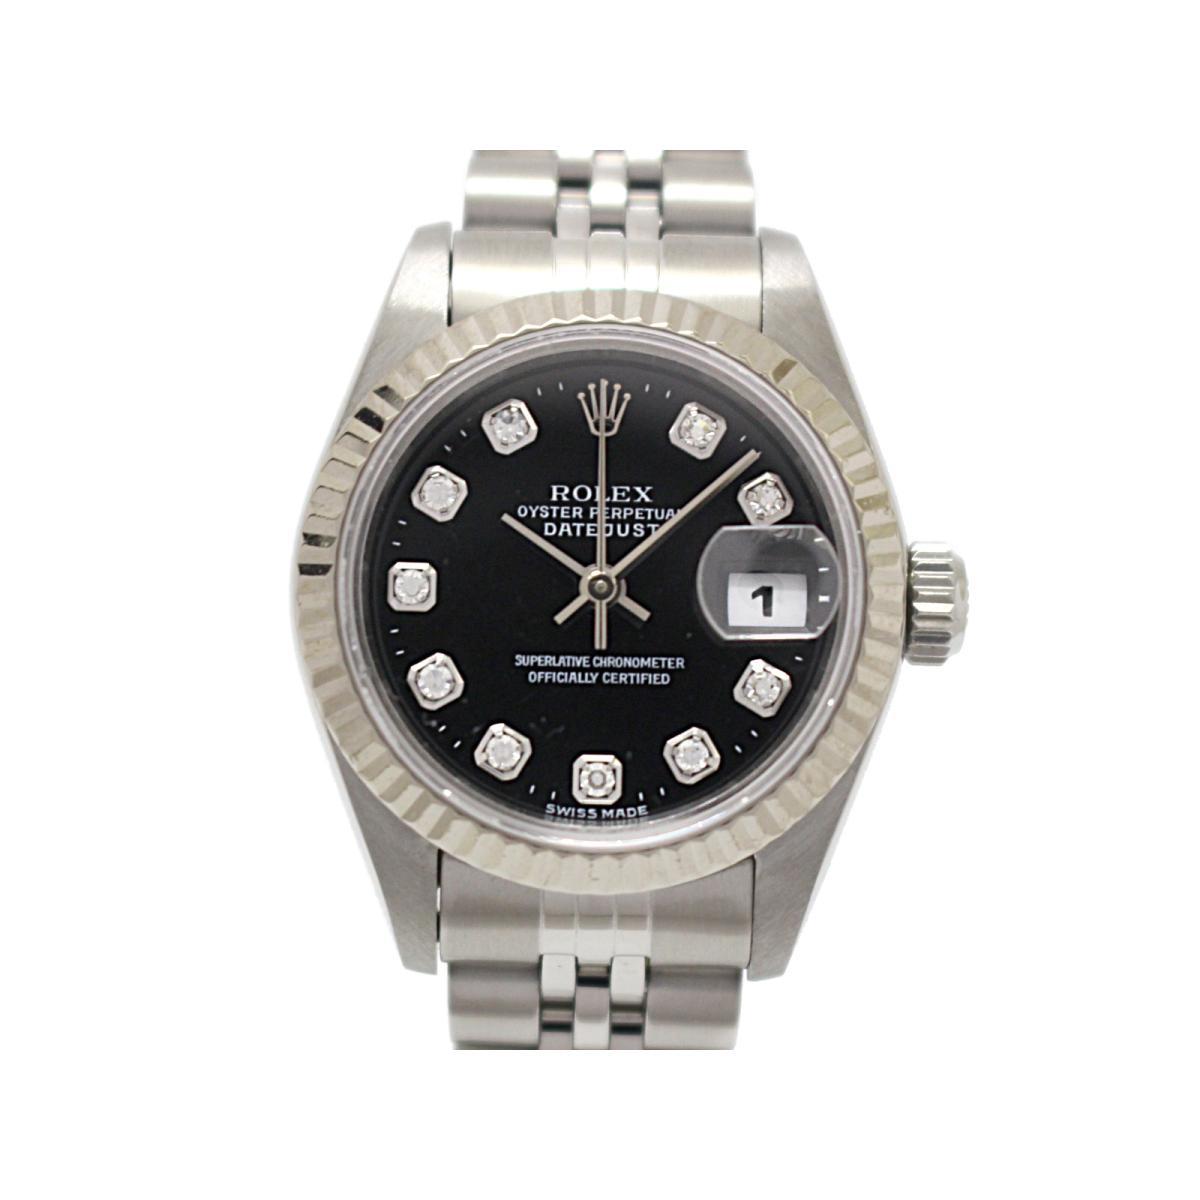 デイトジャスト 10Pダイヤモンド レディース/腕時計/人気/おすすめ